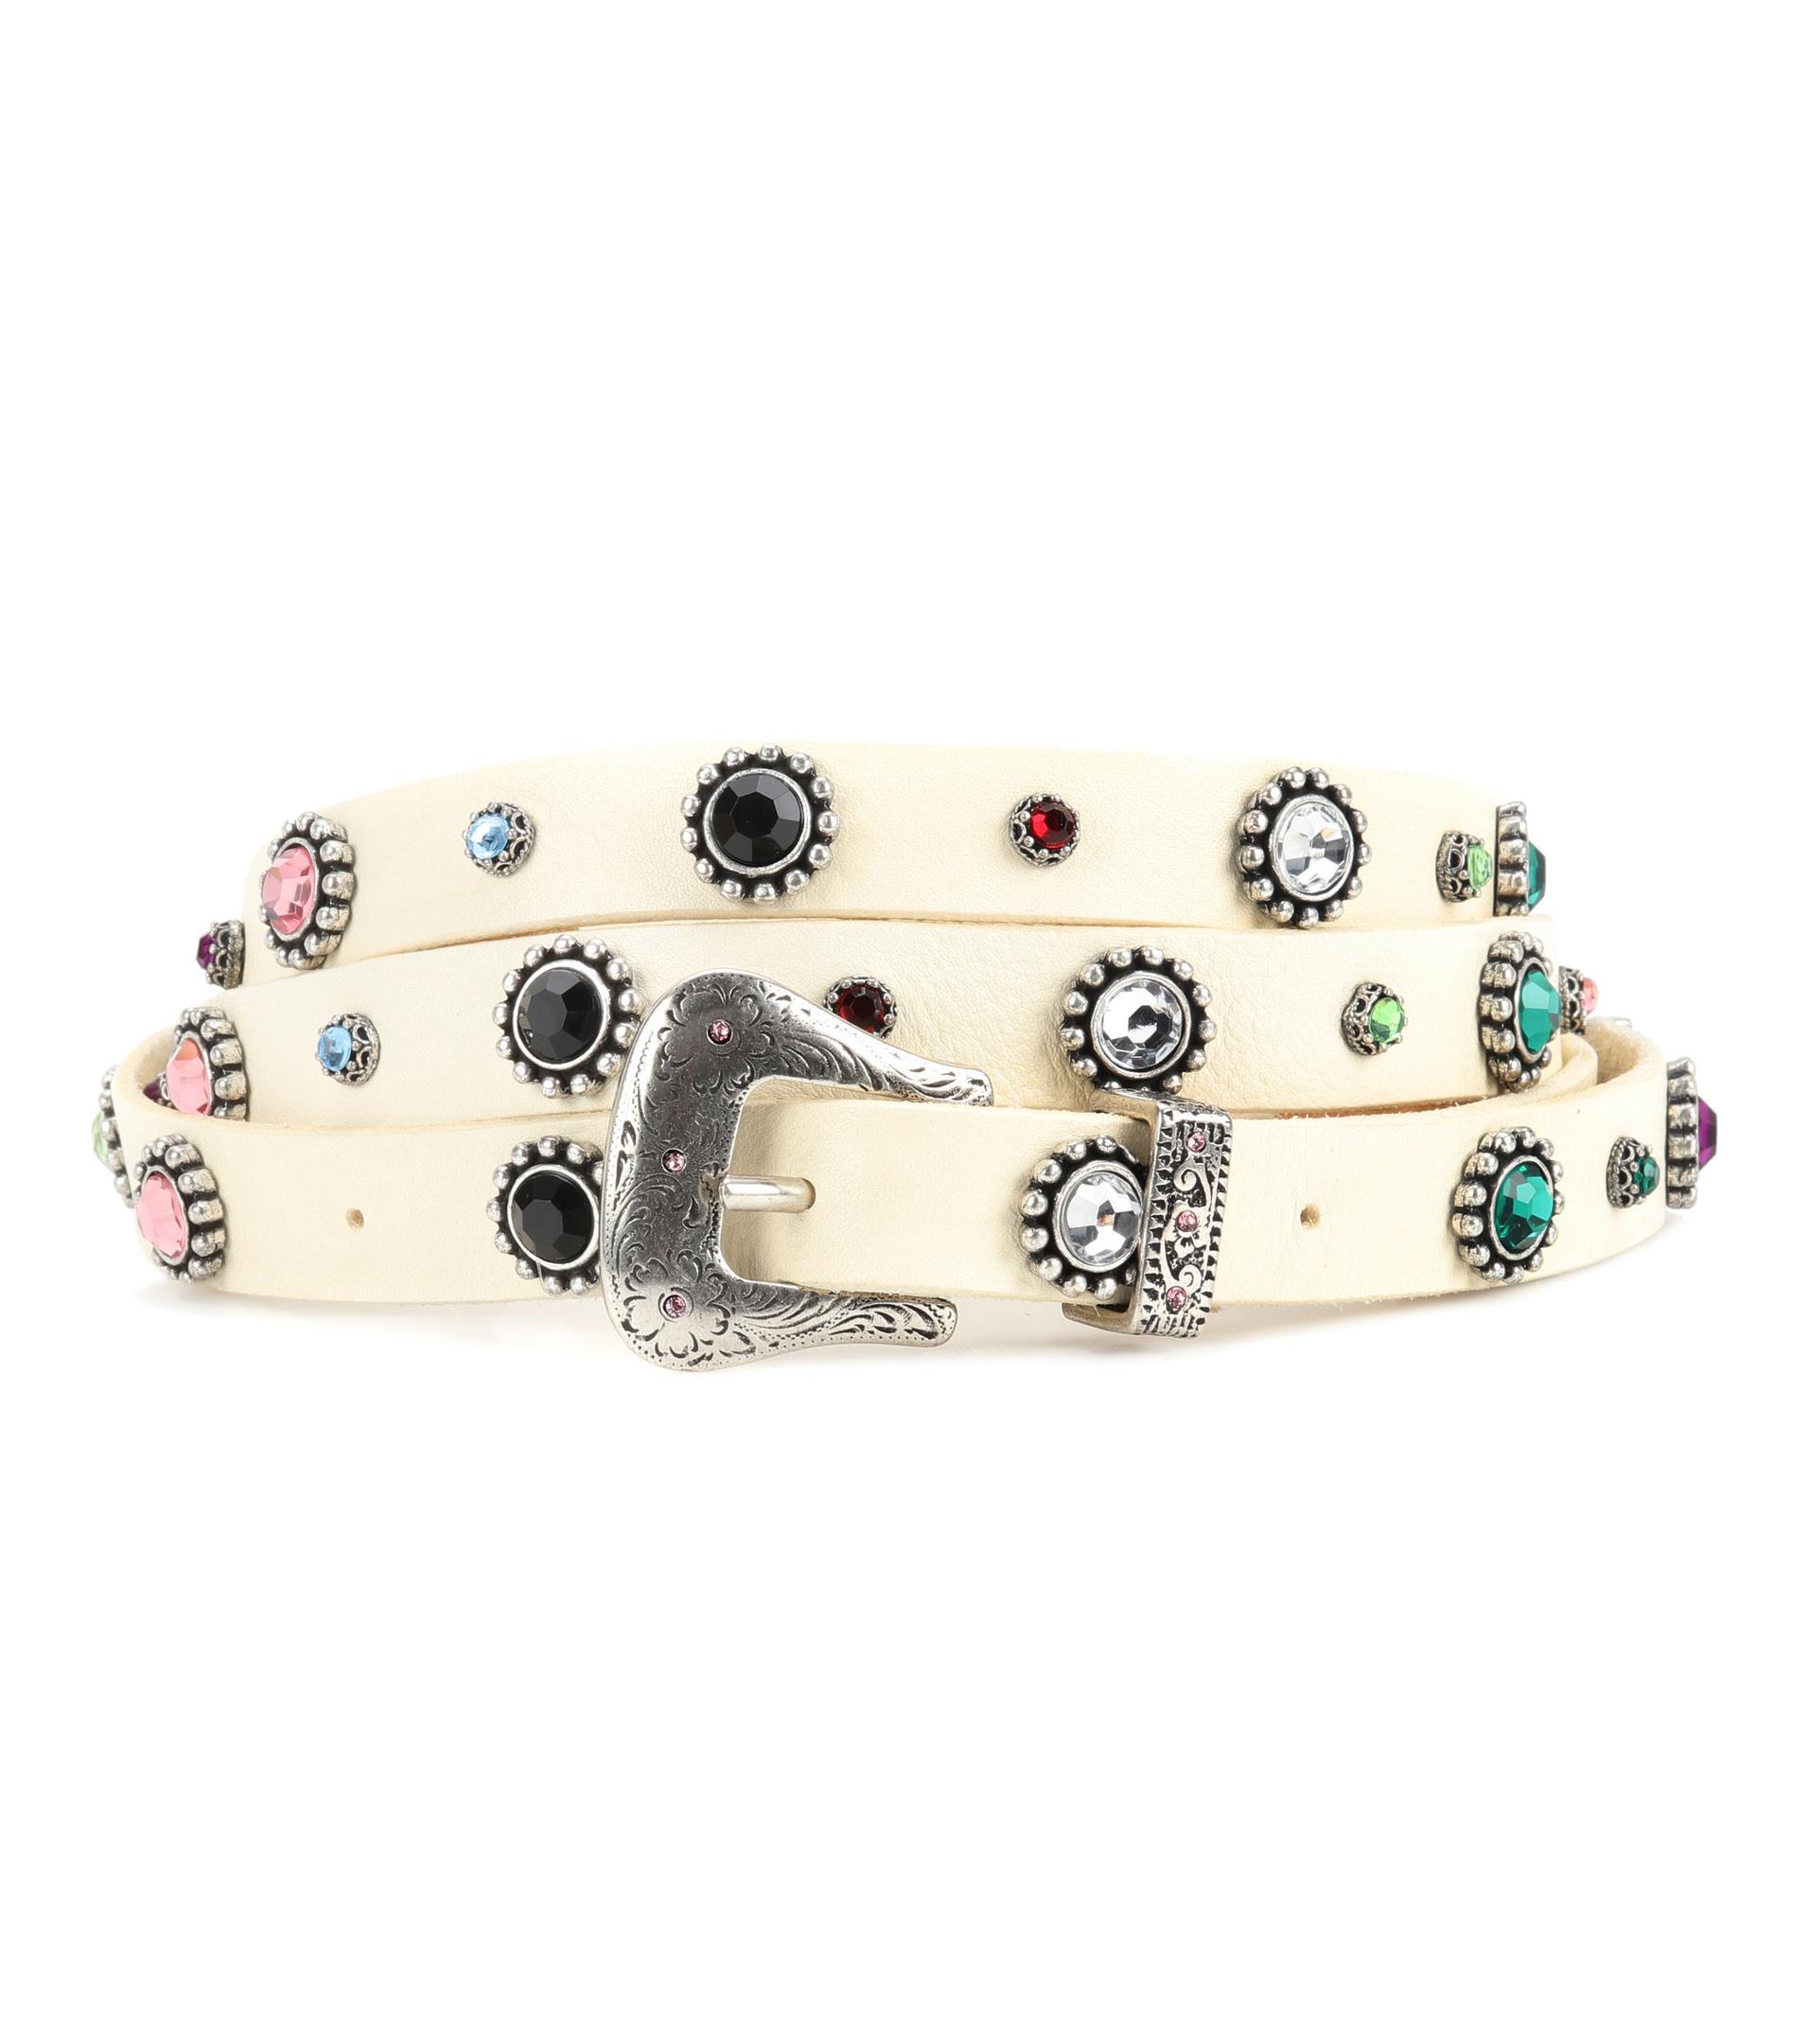 Lyst - Cinturón de piel con cristales Dodo Bar Or de color Blanco a06588033fba